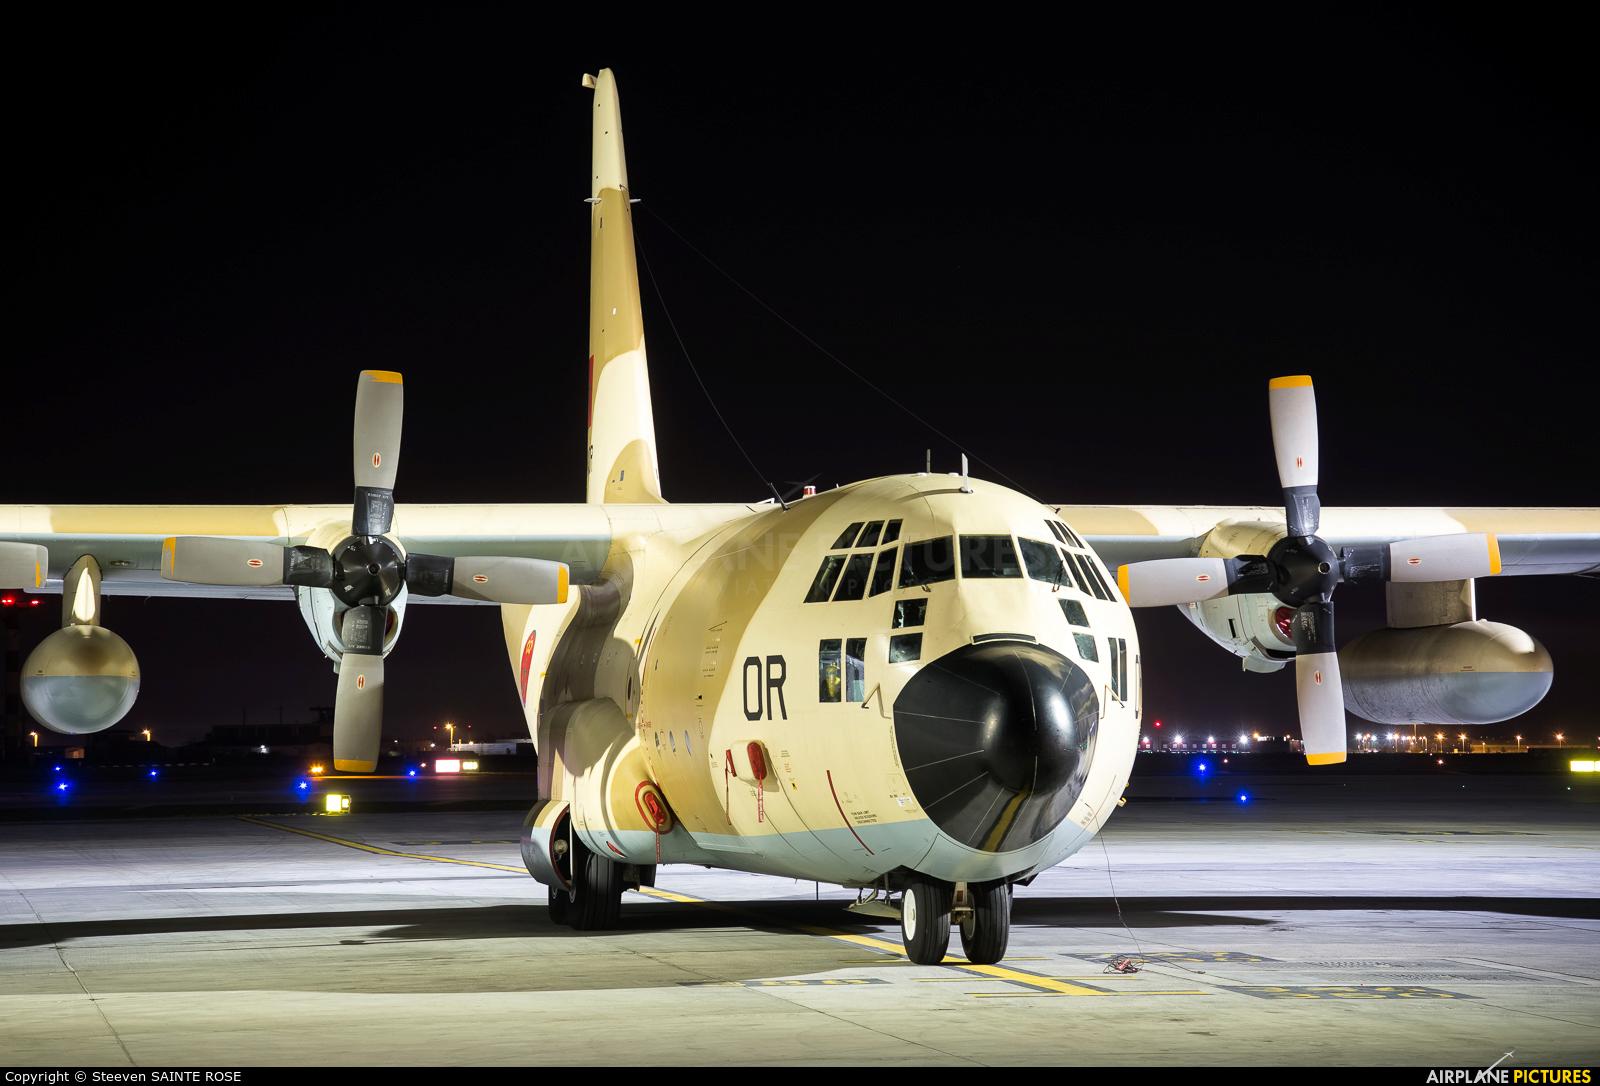 FRA: Photos d'avions de transport - Page 37 11700410